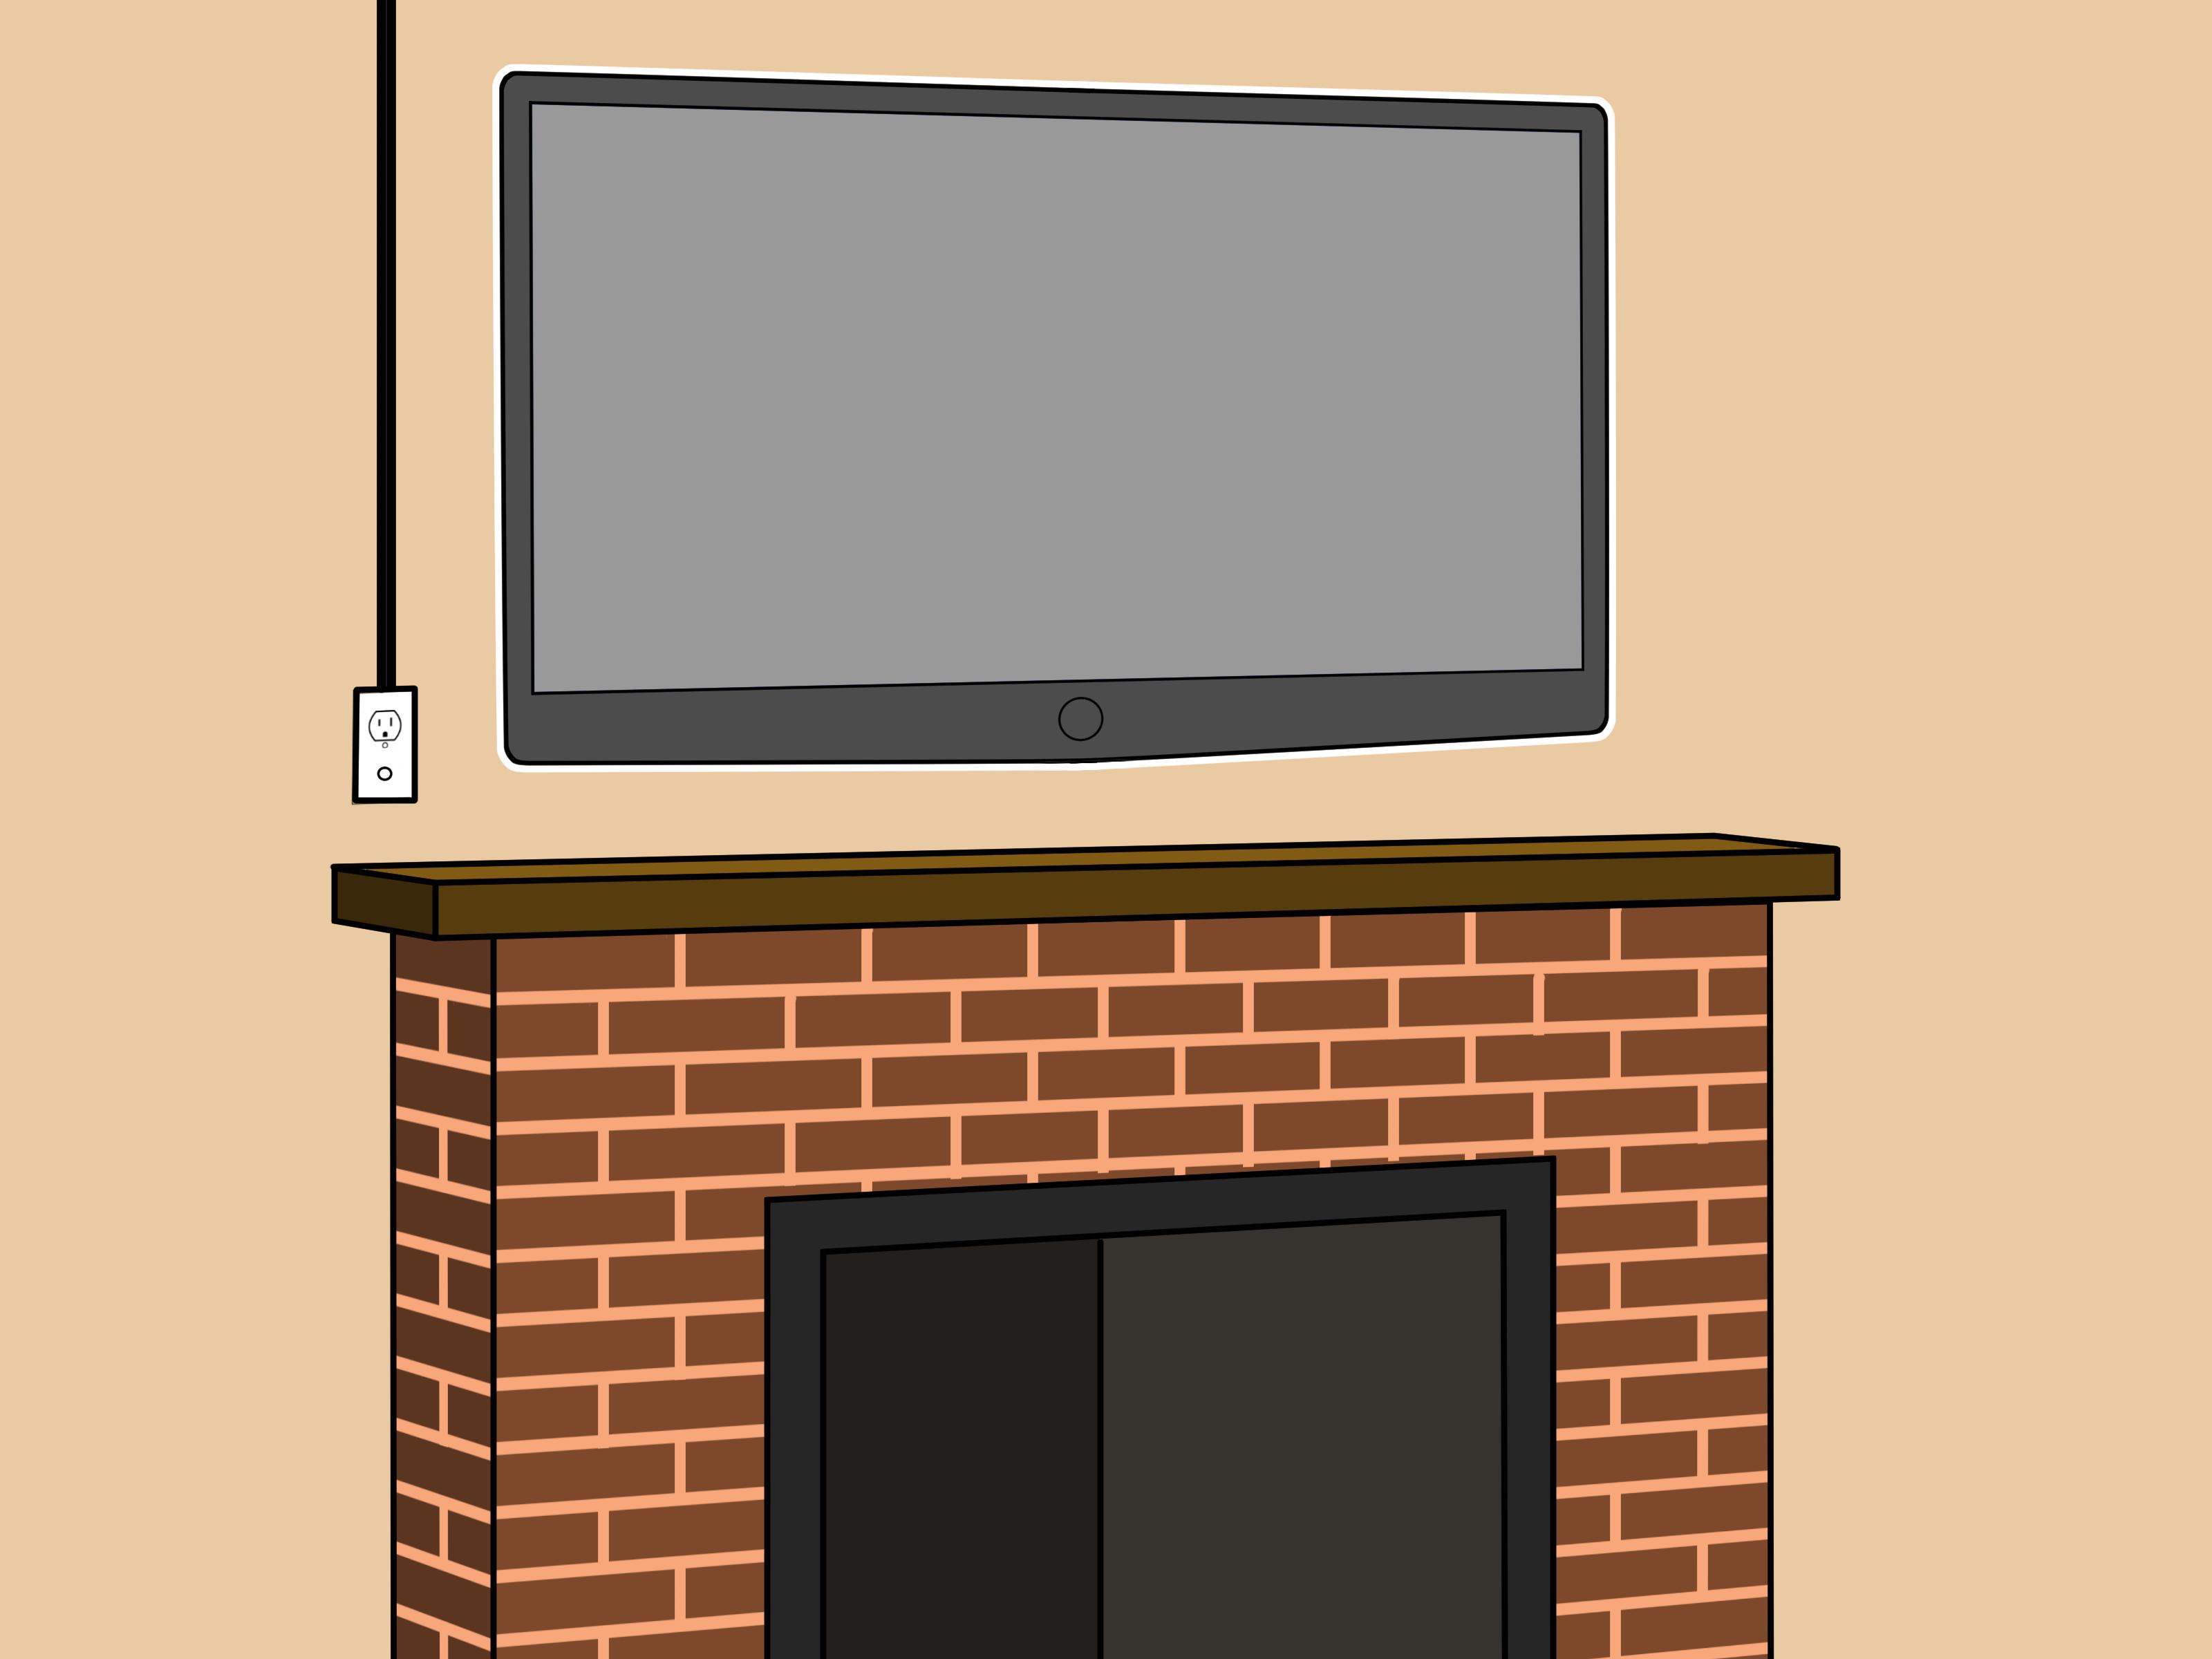 Mount a Fireplace TV Bracket Step 7